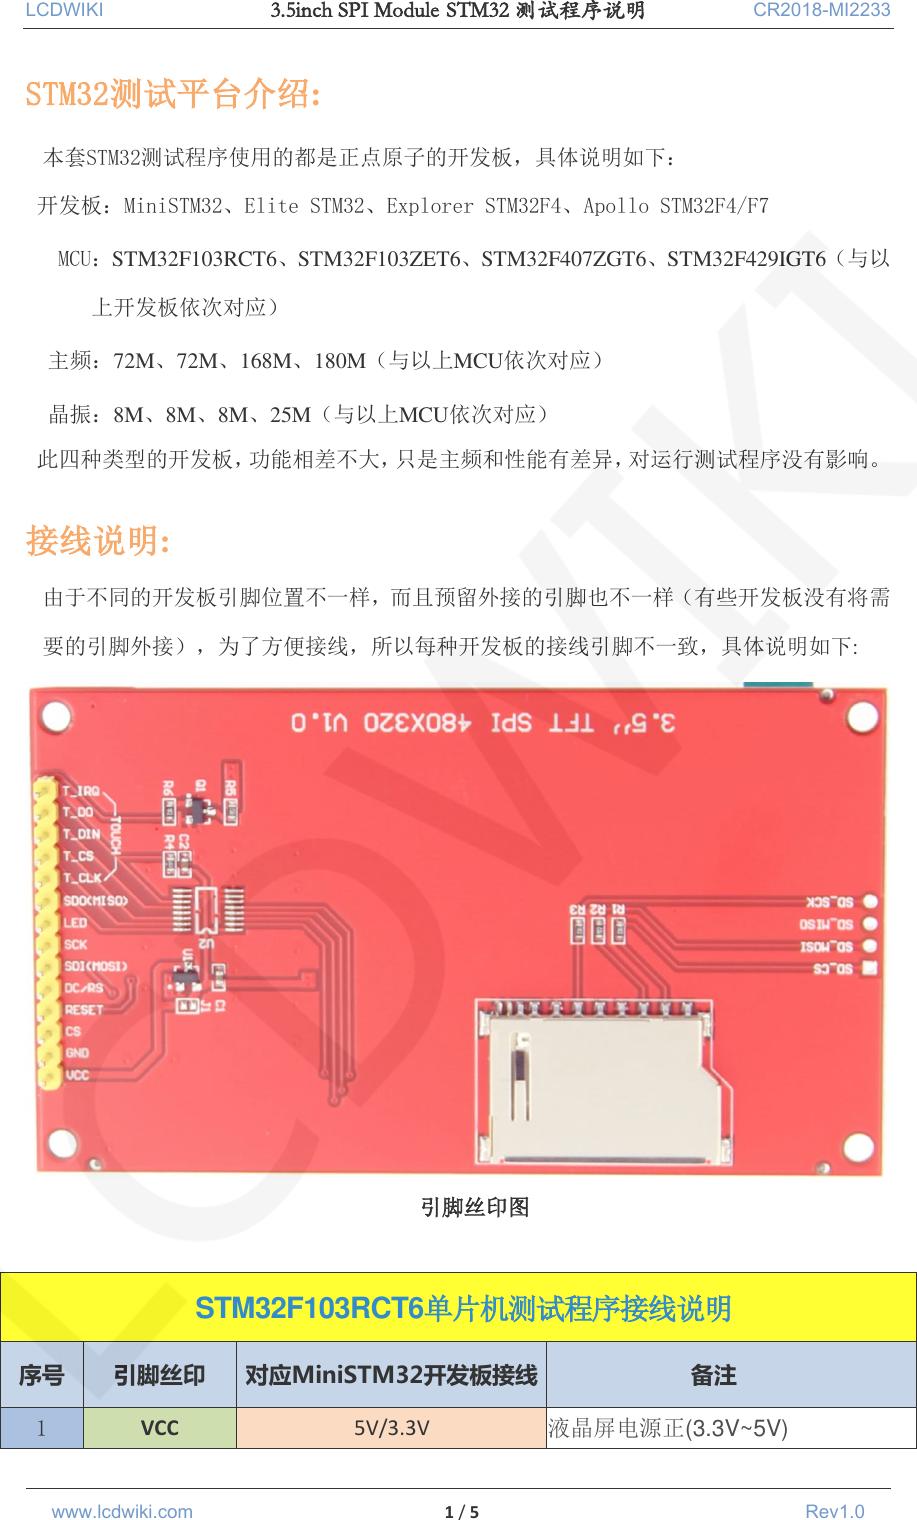 3 5inch SPI Module STM32 Demo Instructions CN